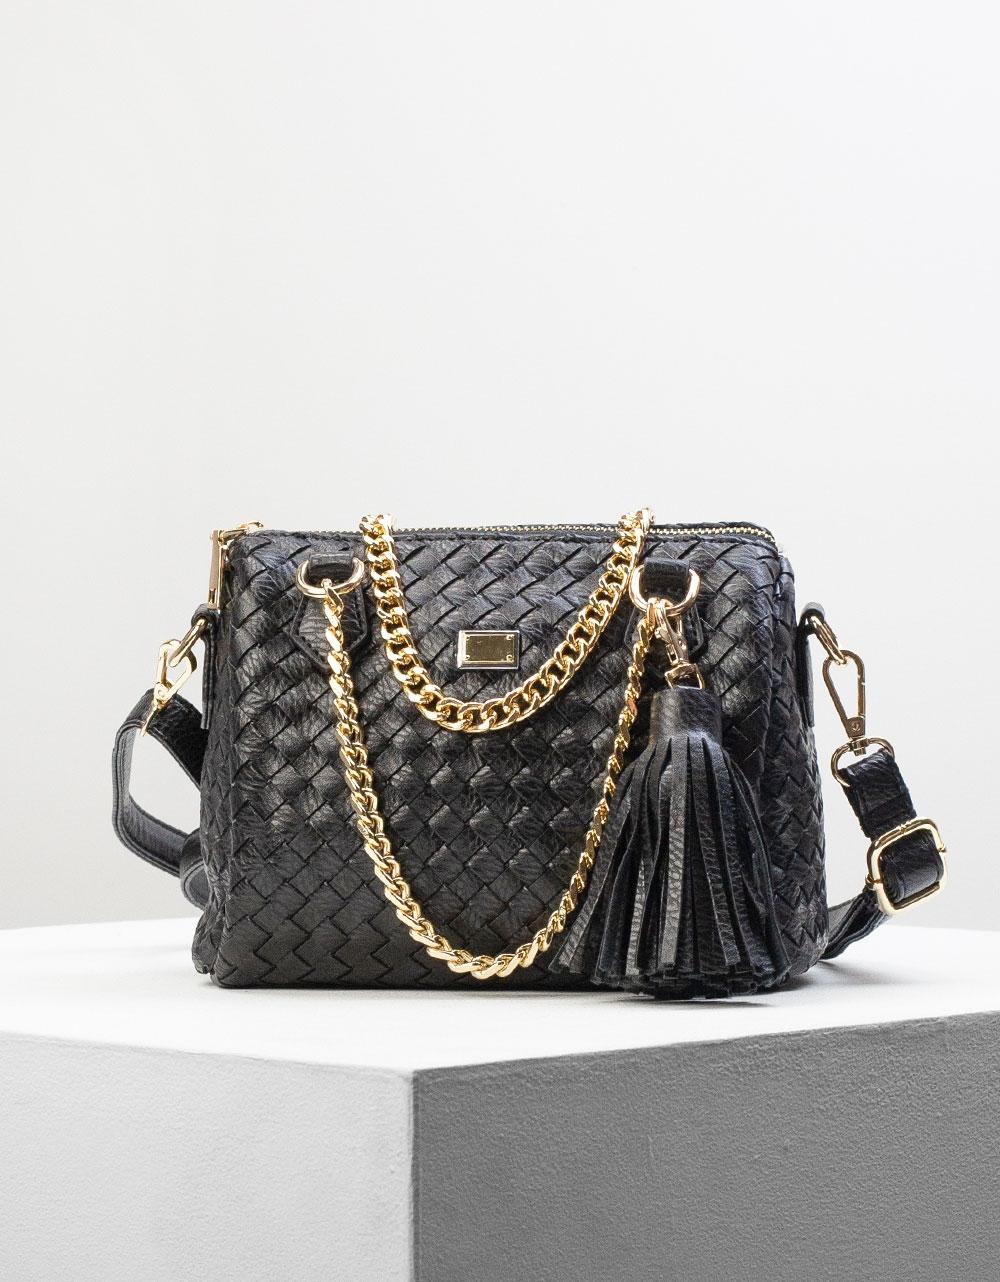 Εικόνα από Γυναικεία τσάντα ώμου & χιαστί με ανάγλυφο σχέδιο και αλυσίδα Μαύρο